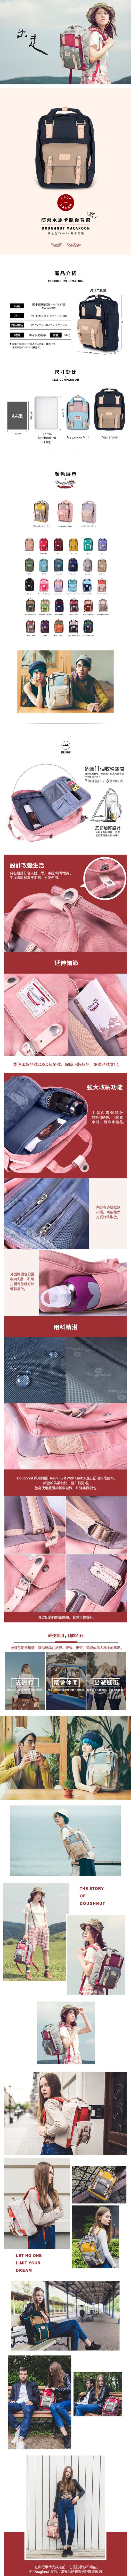 (複製)IBAOBAO愛包包|Doughnut 防潑水馬卡龍後背包-復刻藍